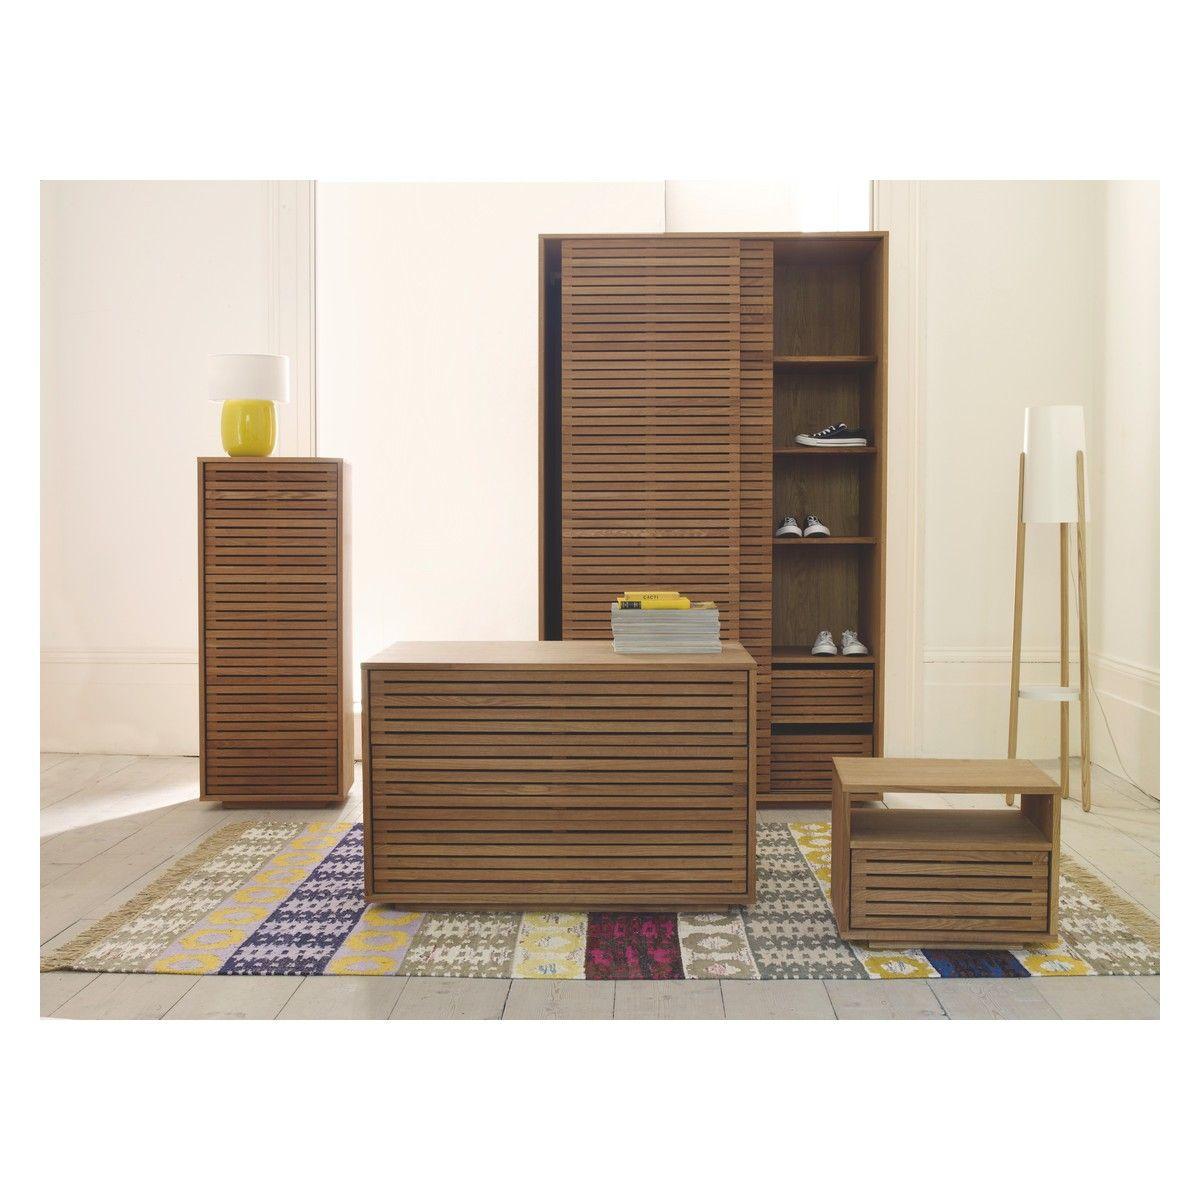 die besten 25 kleiderschrank aus solidem eicheholz ideen auf pinterest der stiefelraum. Black Bedroom Furniture Sets. Home Design Ideas